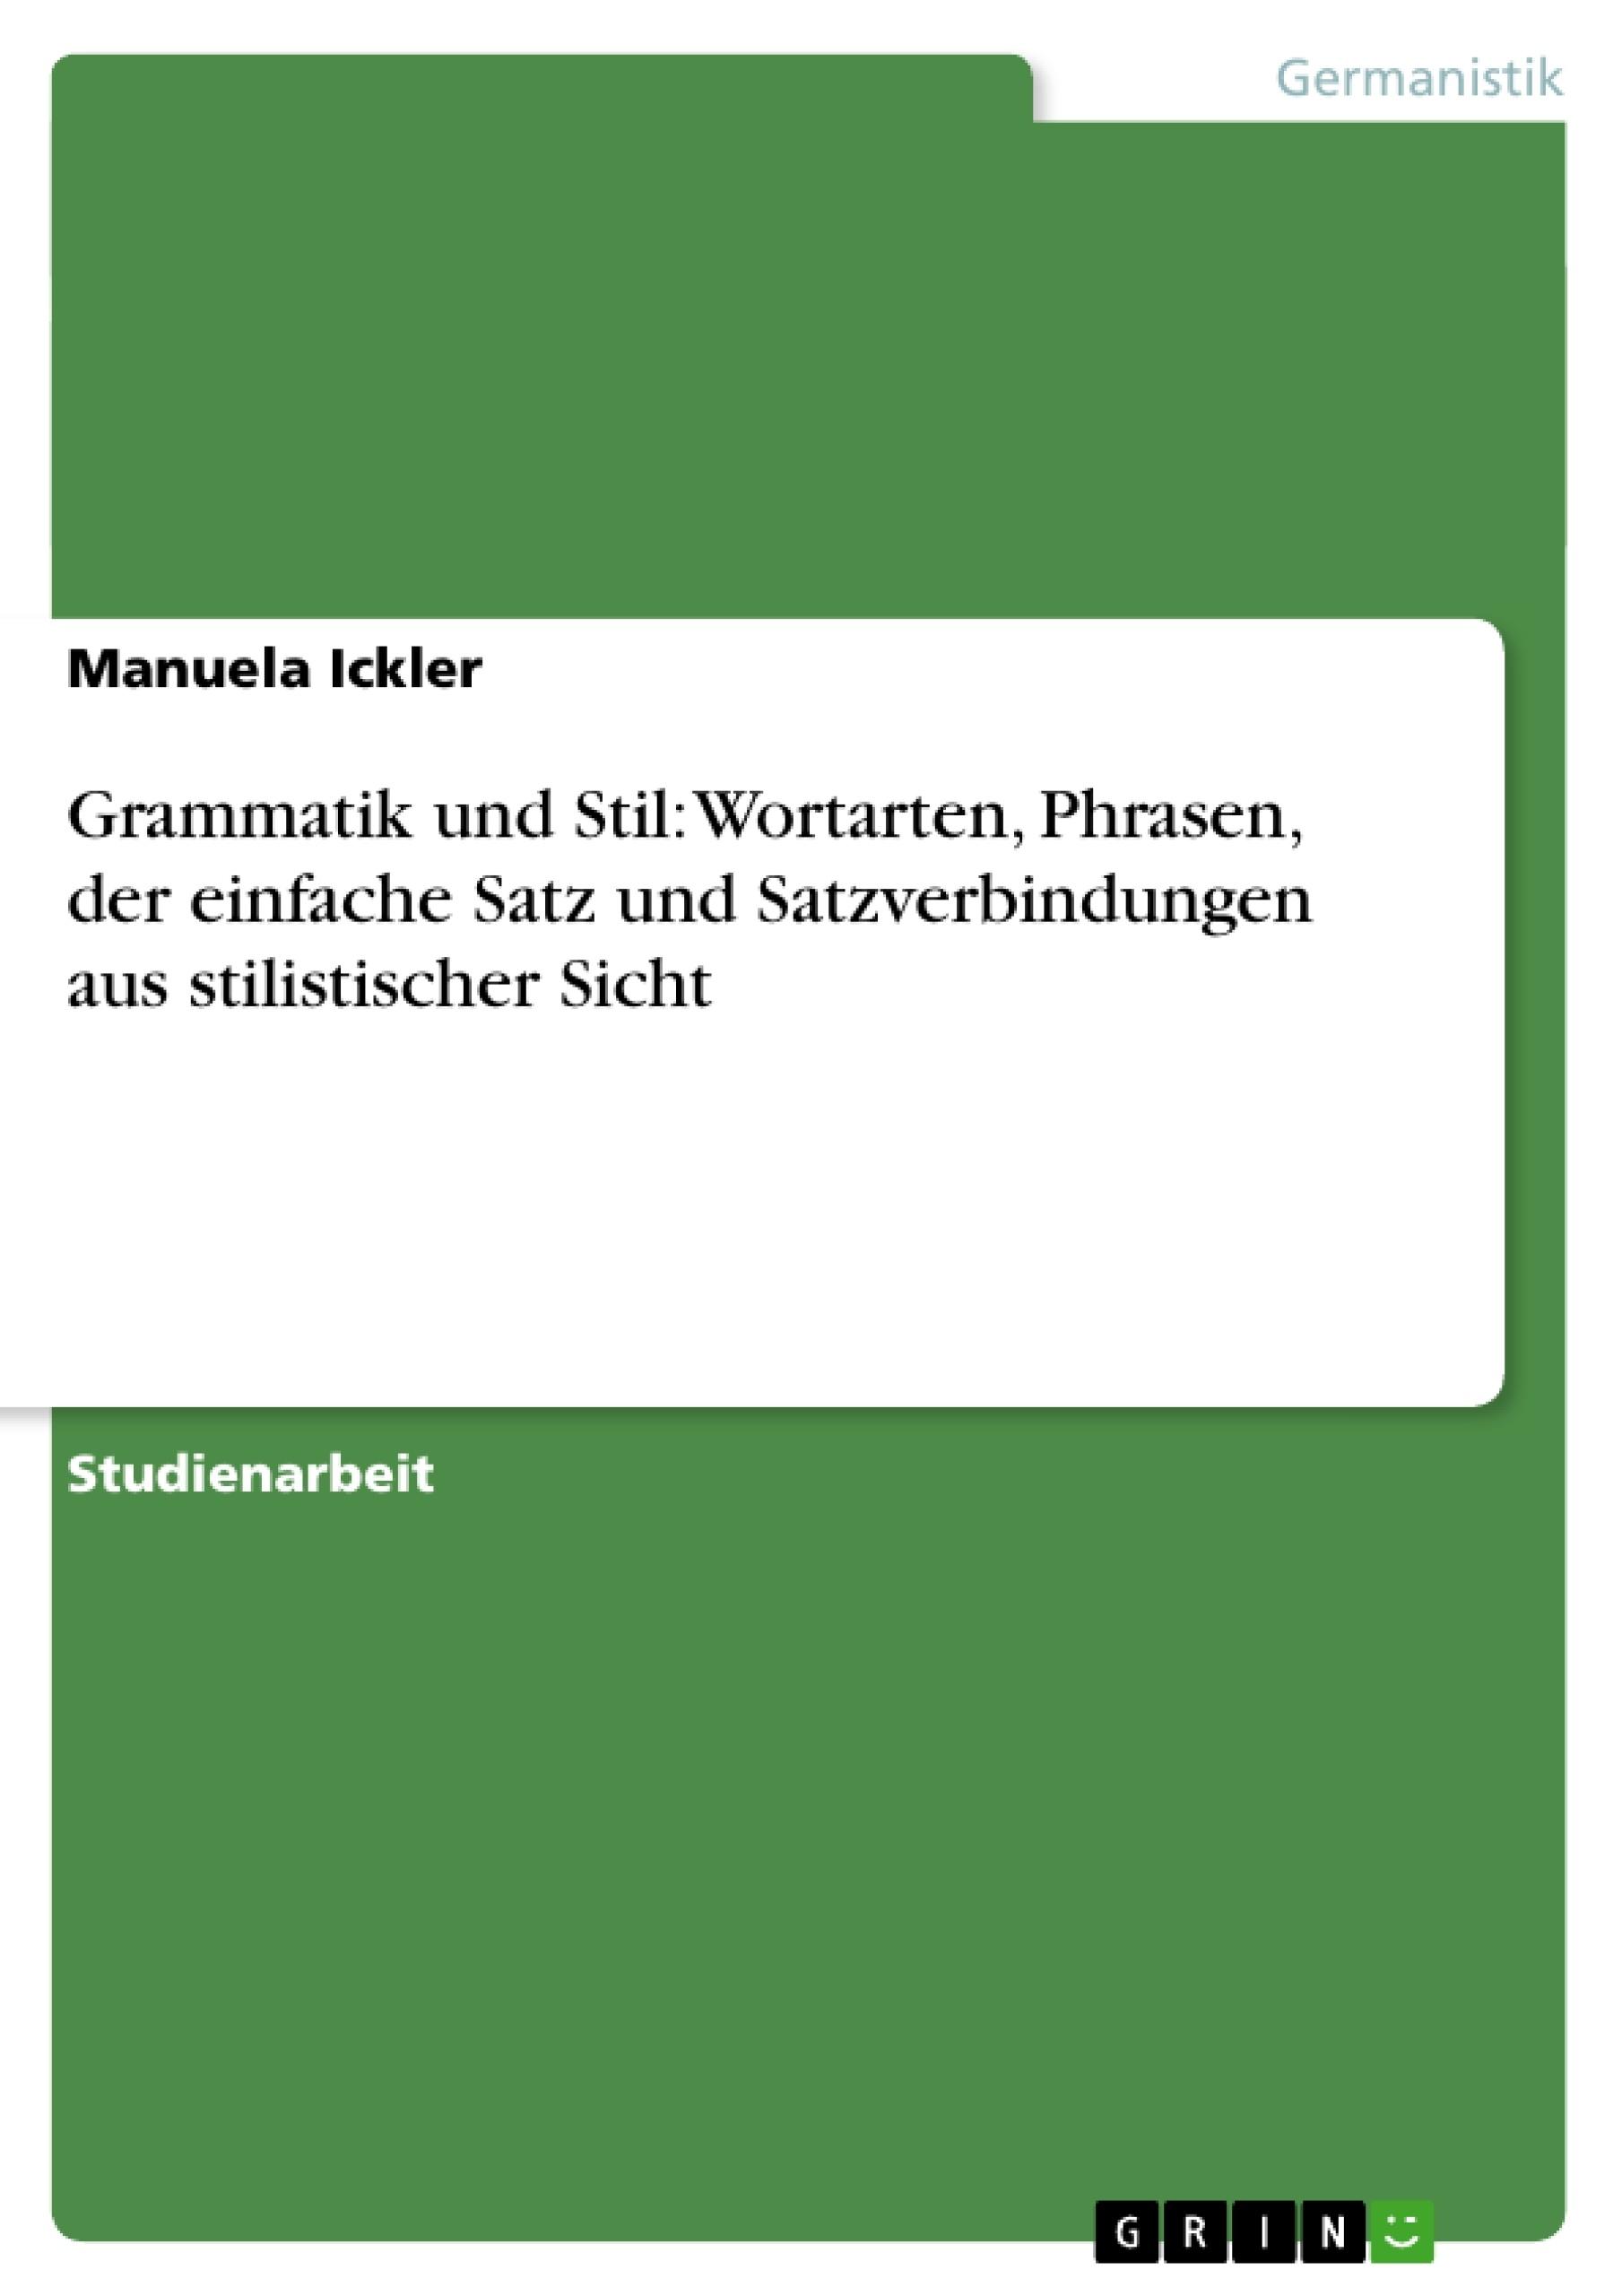 Titel: Grammatik und Stil: Wortarten, Phrasen, der einfache Satz und Satzverbindungen aus stilistischer Sicht